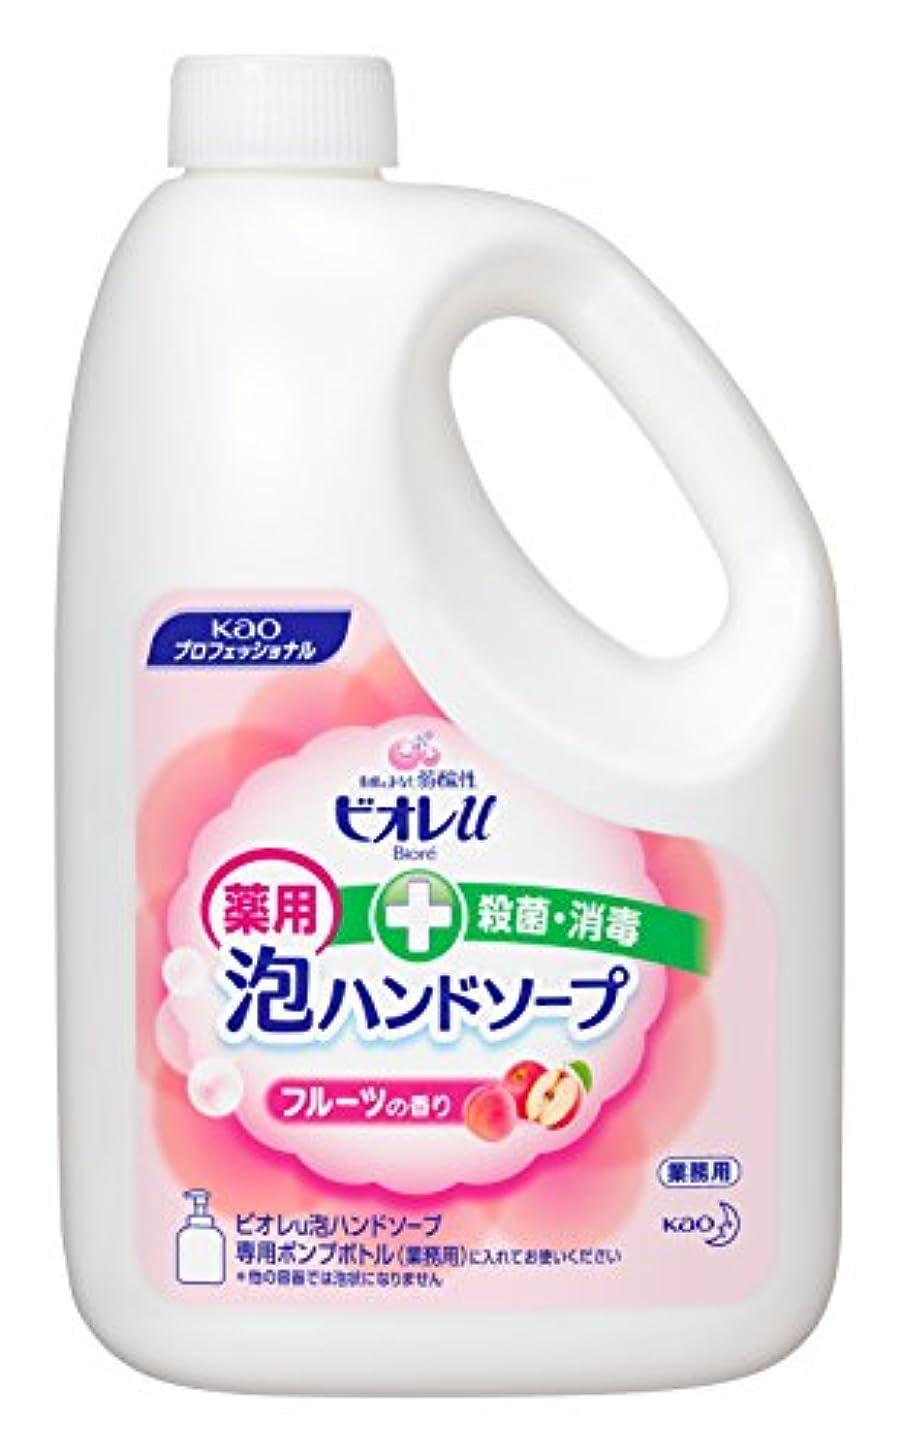 会計コード騒【業務用 泡ハンドソープ】ビオレu 泡ハンドソープ フルーツの香り 2L(プロフェッショナルシリーズ)